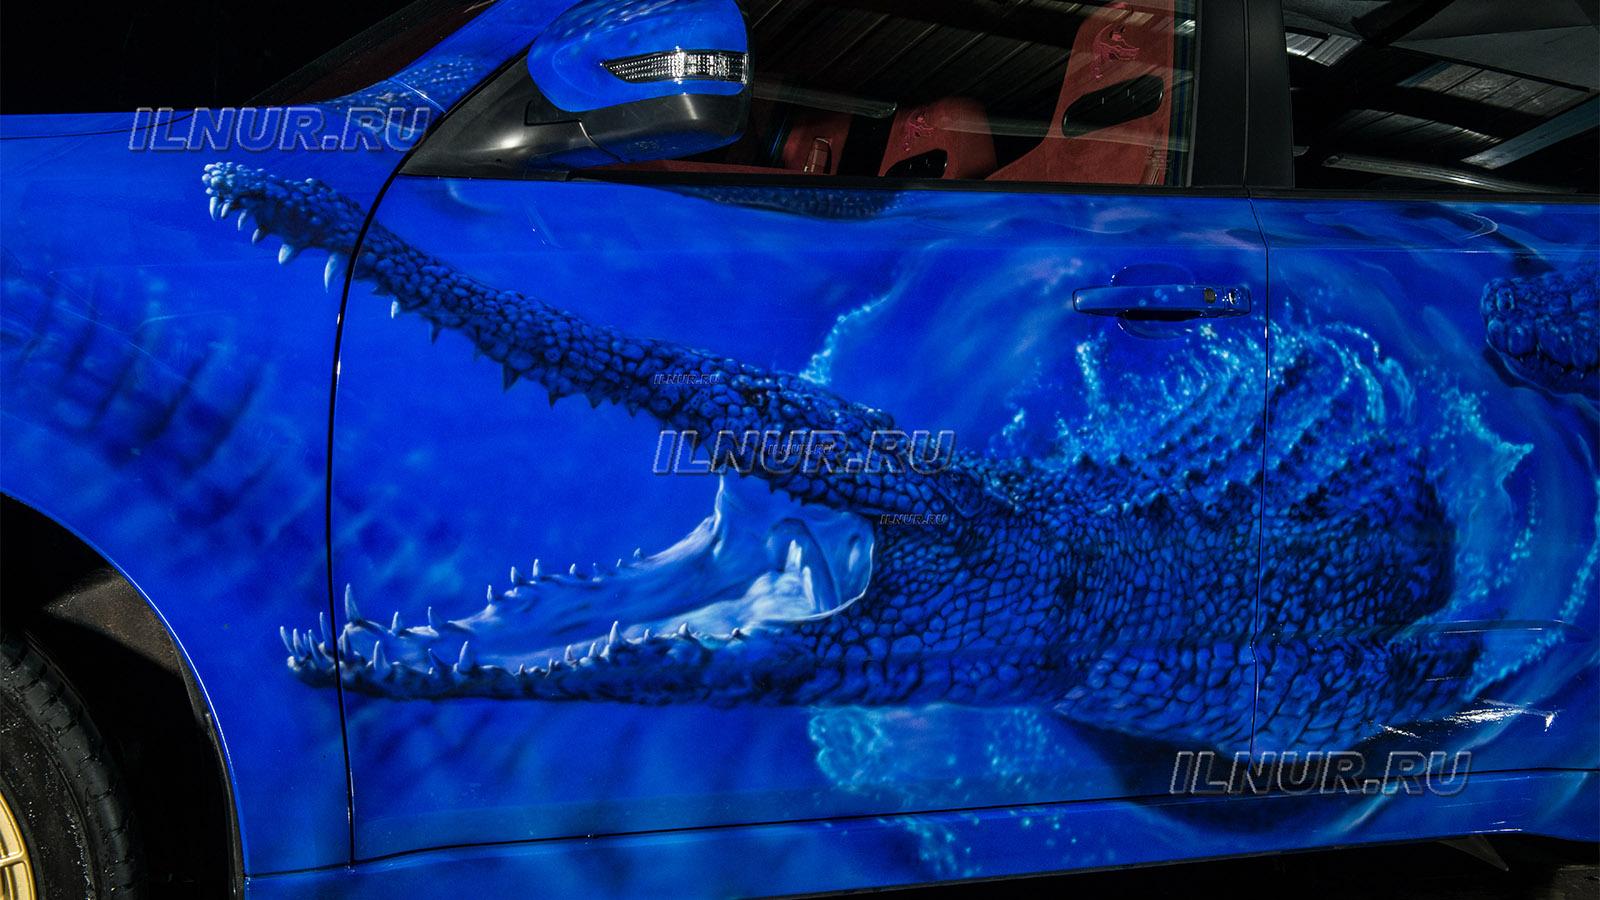 аэрография крокодилы на синем авто Subaru Forester tS